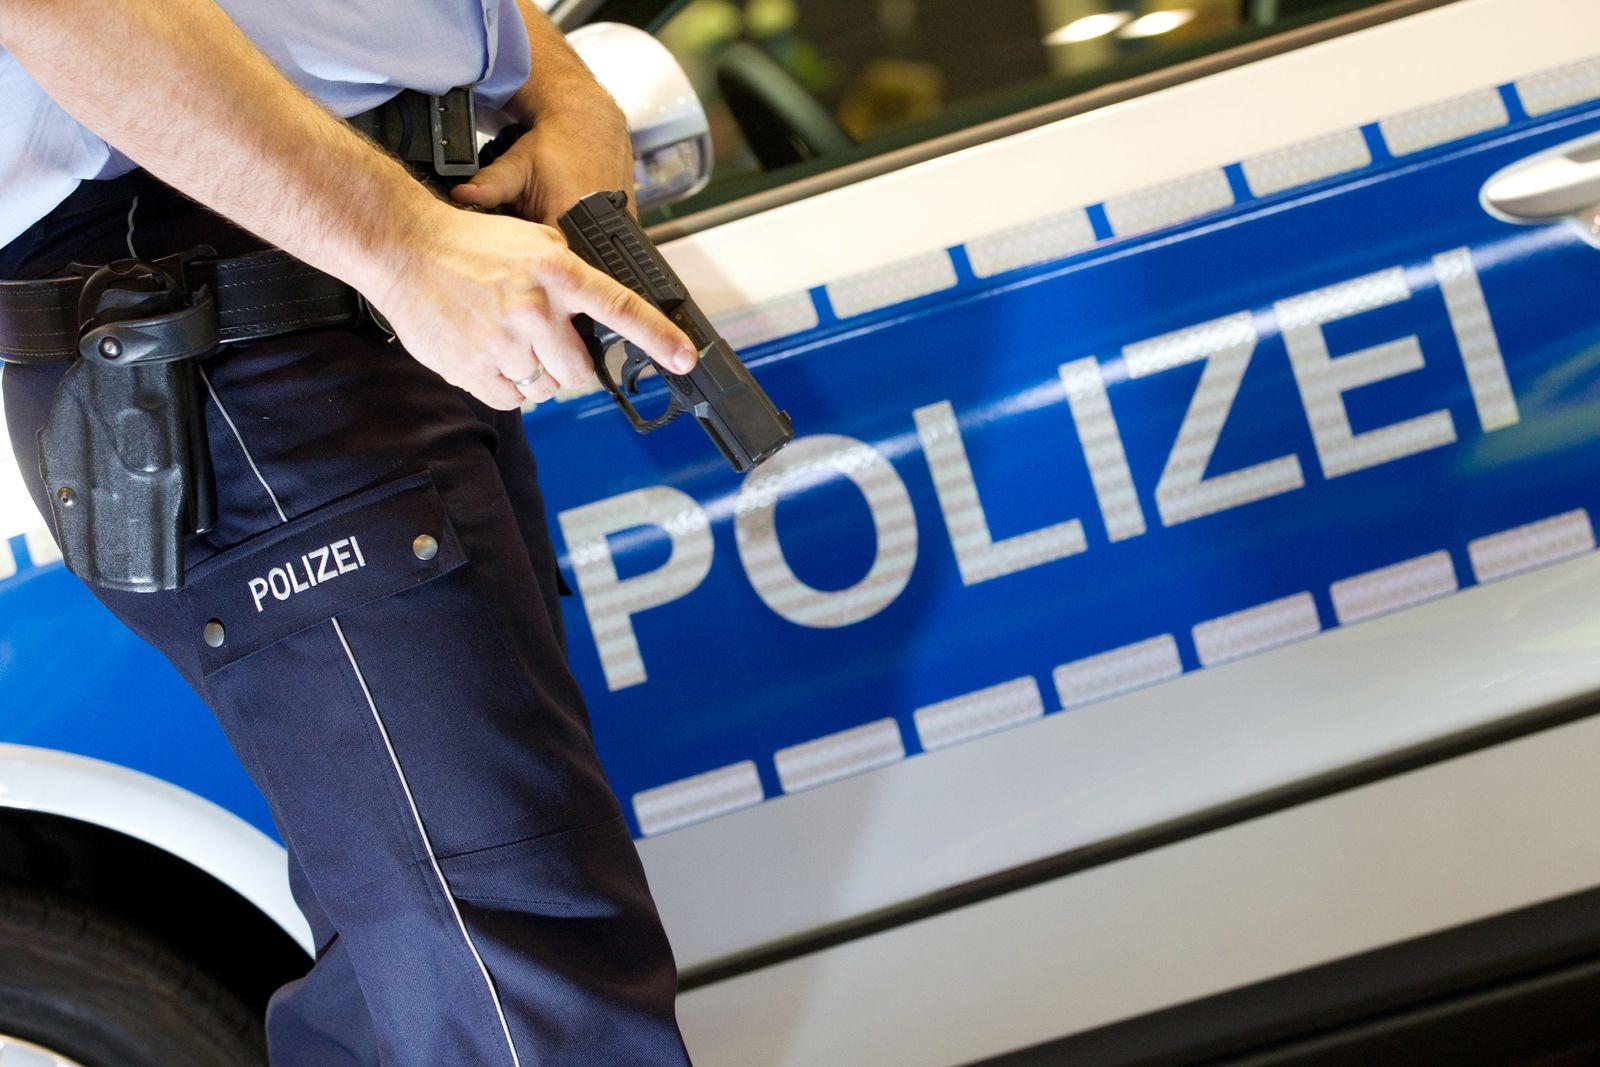 Dienstwaffe / Polizei